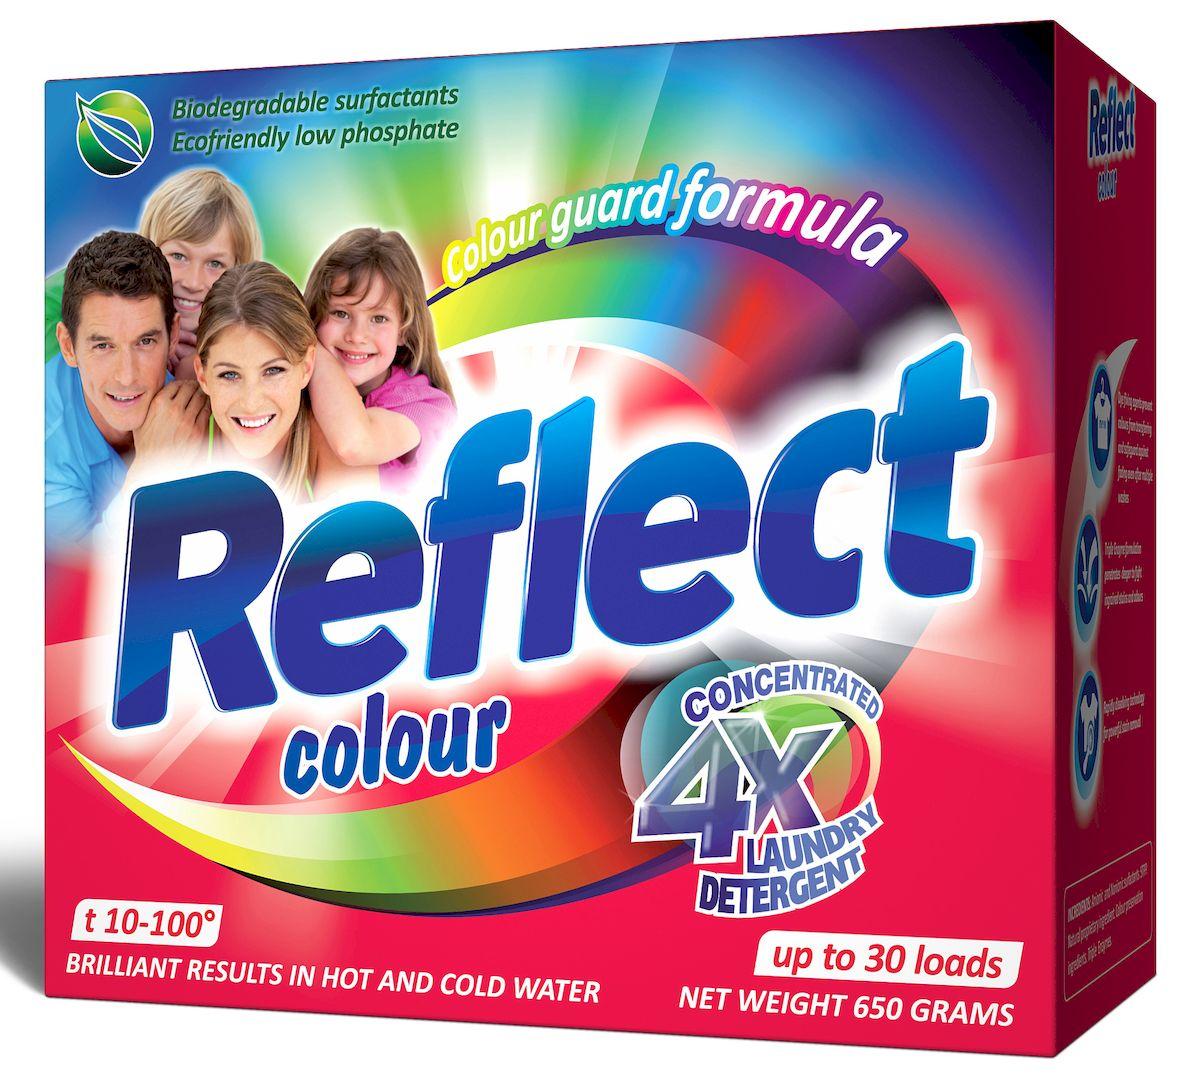 Стиральный порошок Reflect Colour, концентрированный, для цветных и темных тканей, 650 г790009Концентрированный стиральный порошок Reflect Color предназначен для стирки цветных и темных тканей. Двойная степень защиты цвета сохраняет все краски цветного и темного белья, защищает от ультрафиолета. Особенности порошка Reflect Color: - обладает высокой моющей способностью в широком диапазоне температур (10°C-100°C), - предупреждает образование накипи на водонагревательном элементе, - удаляет пятна и загрязнения различного происхождения, не повреждая структуру ткани, - в состав входит энзим (антипиллинг), который предотвращает образование ворсистости на ткани, - подходит для всех типов ткани, кроме шерсти и шелка, - универсальный - для машинной и ручной стирки.Товар сертифицирован.